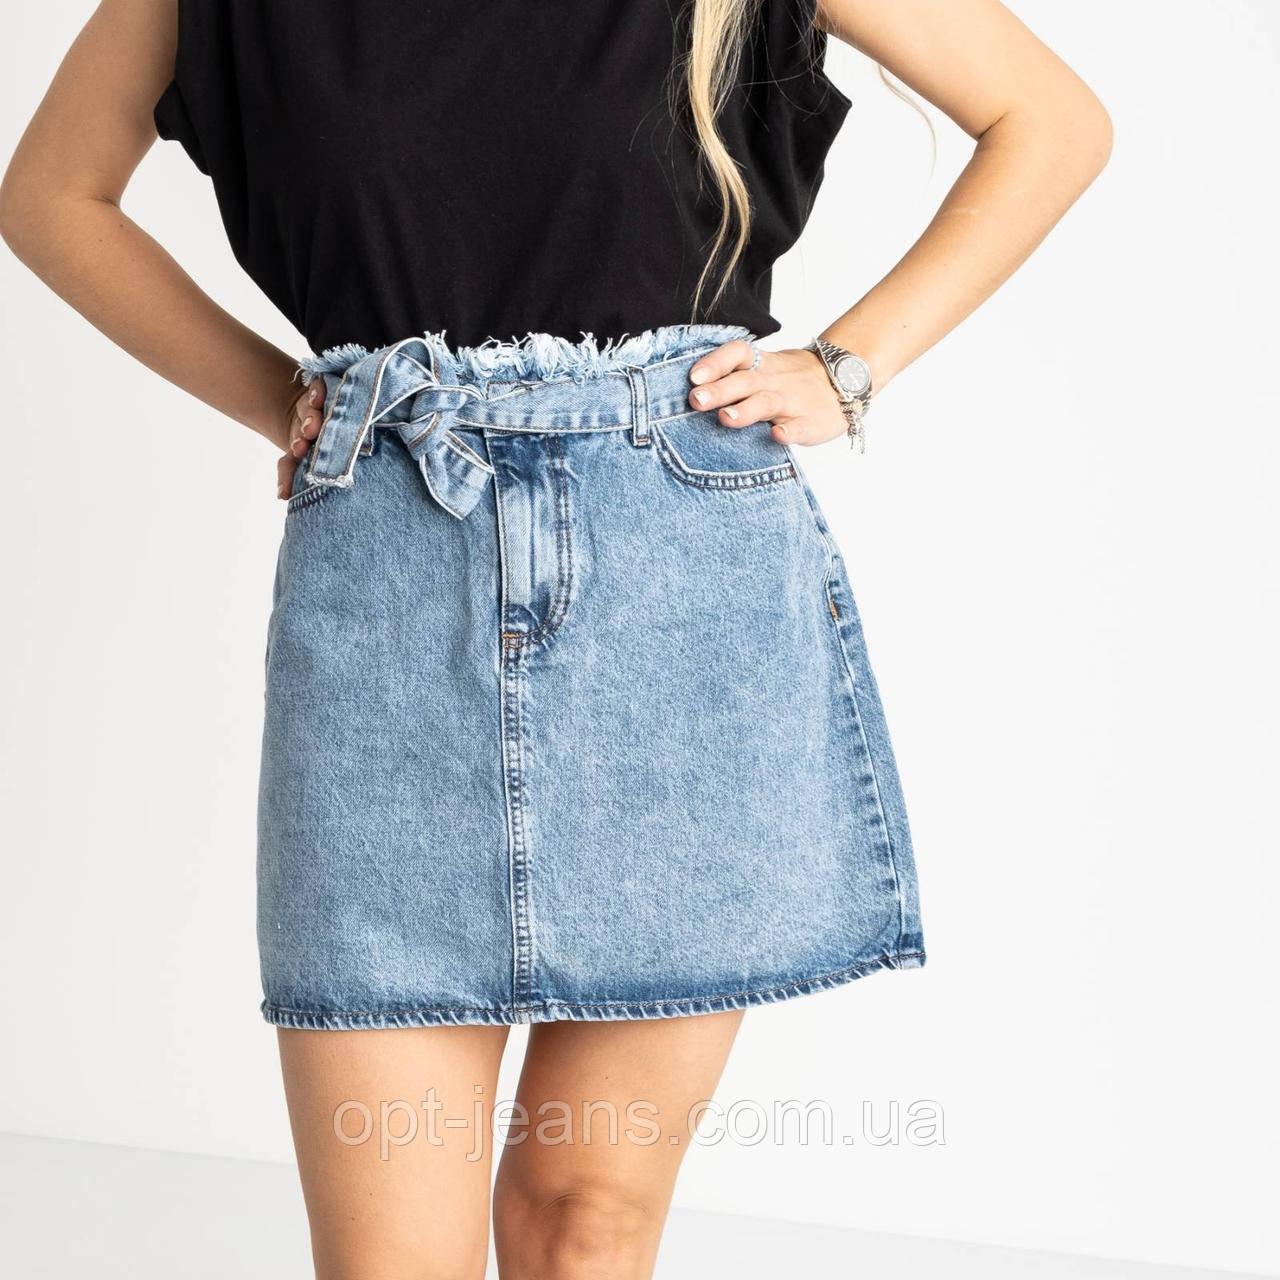 0028-142 Arox юбка полубатальная голубая котоновая (6 ед. размеры: 42.44.46.46.48.50)